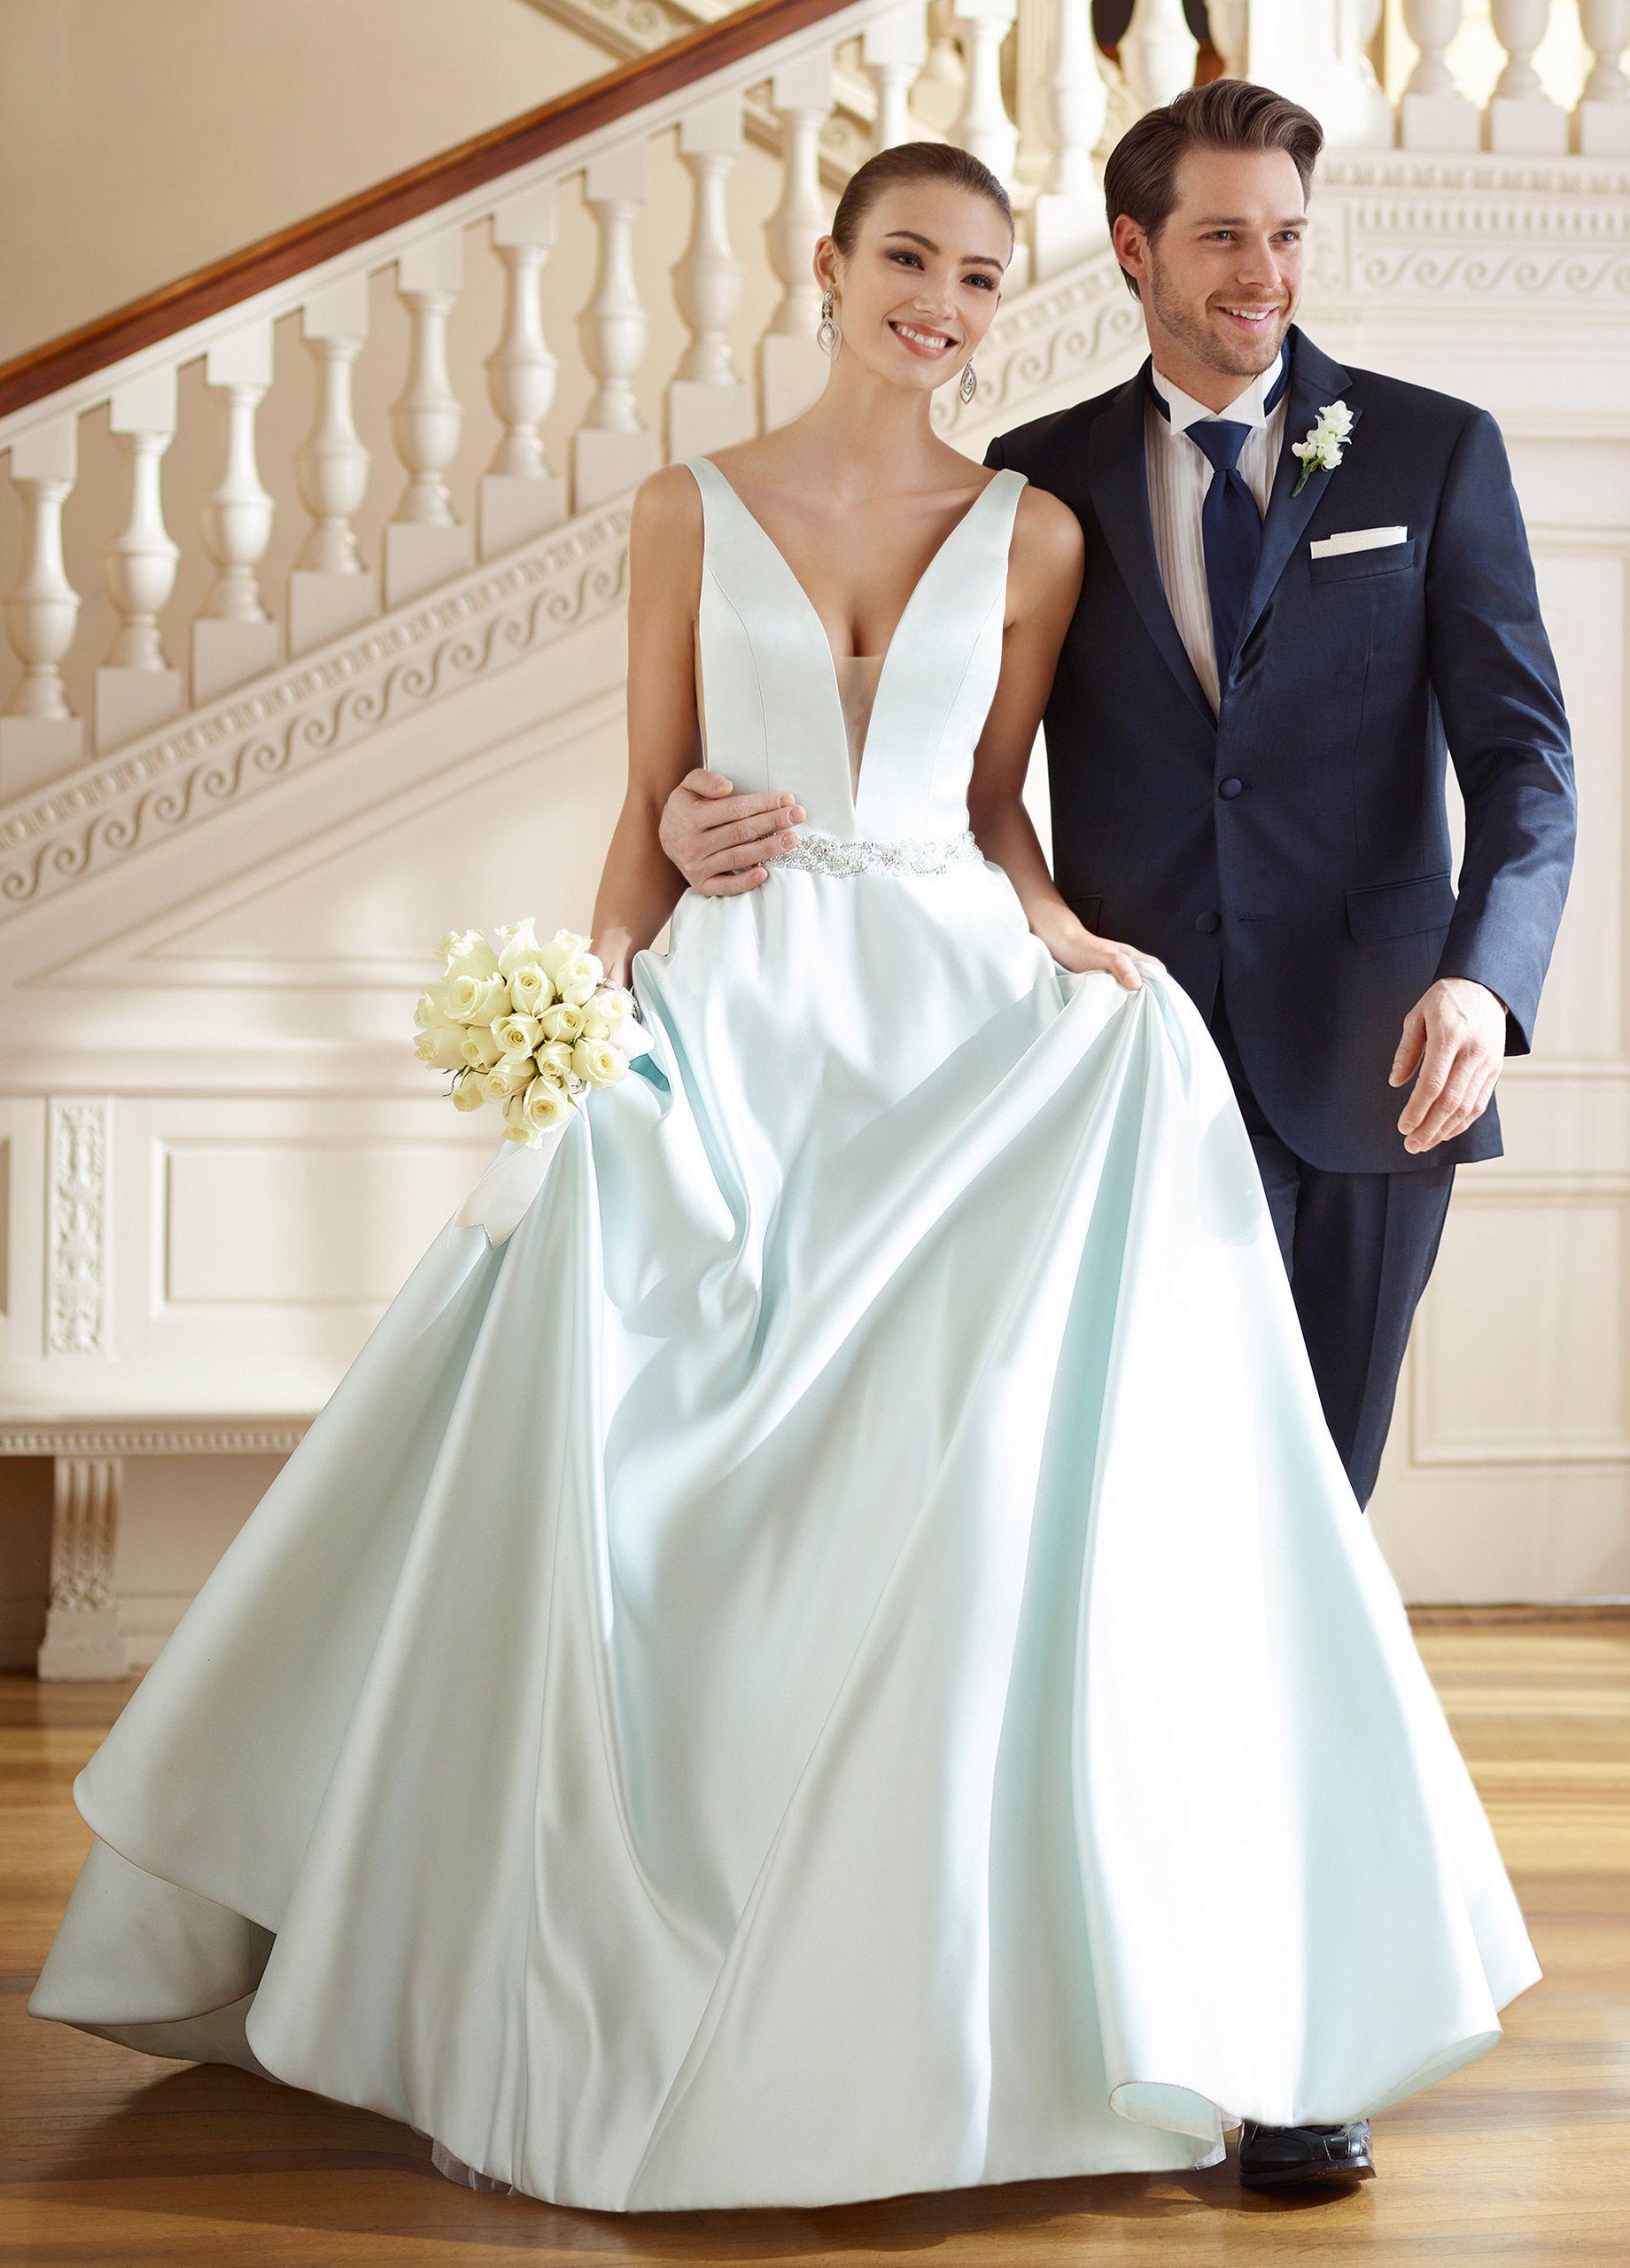 Ausgezeichnet Extreme Wedding Dresses Ideen - Brautkleider Ideen ...